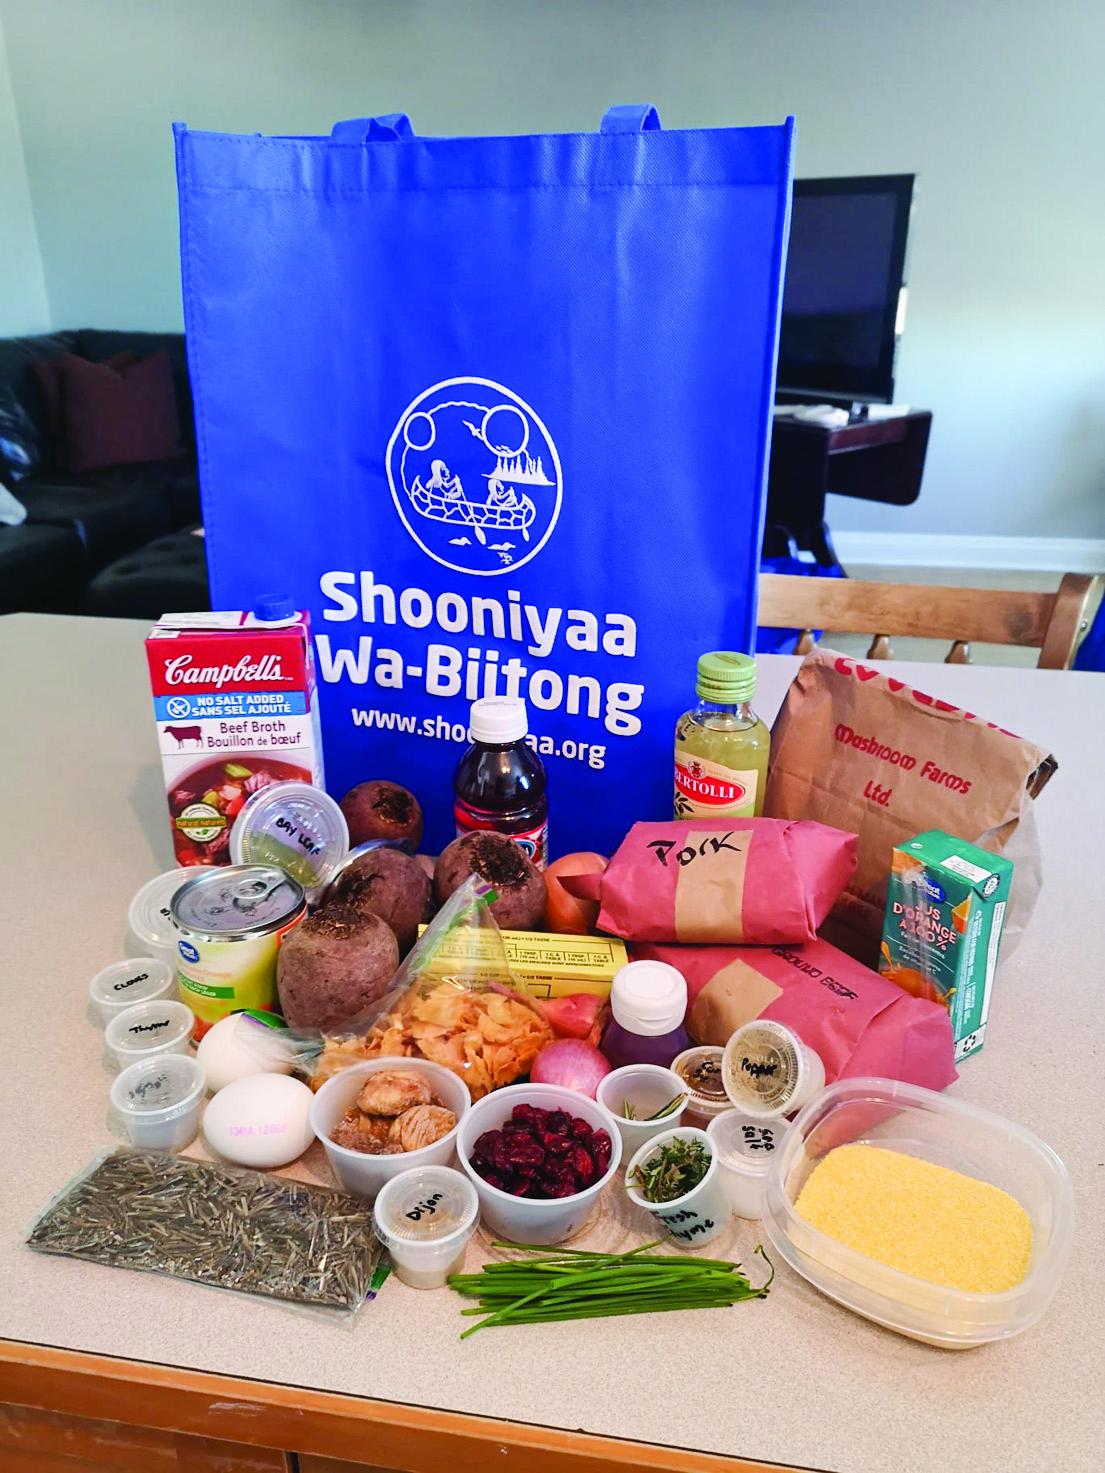 Shooniya Wa-Biitong bringing families together with virtual cooking classes